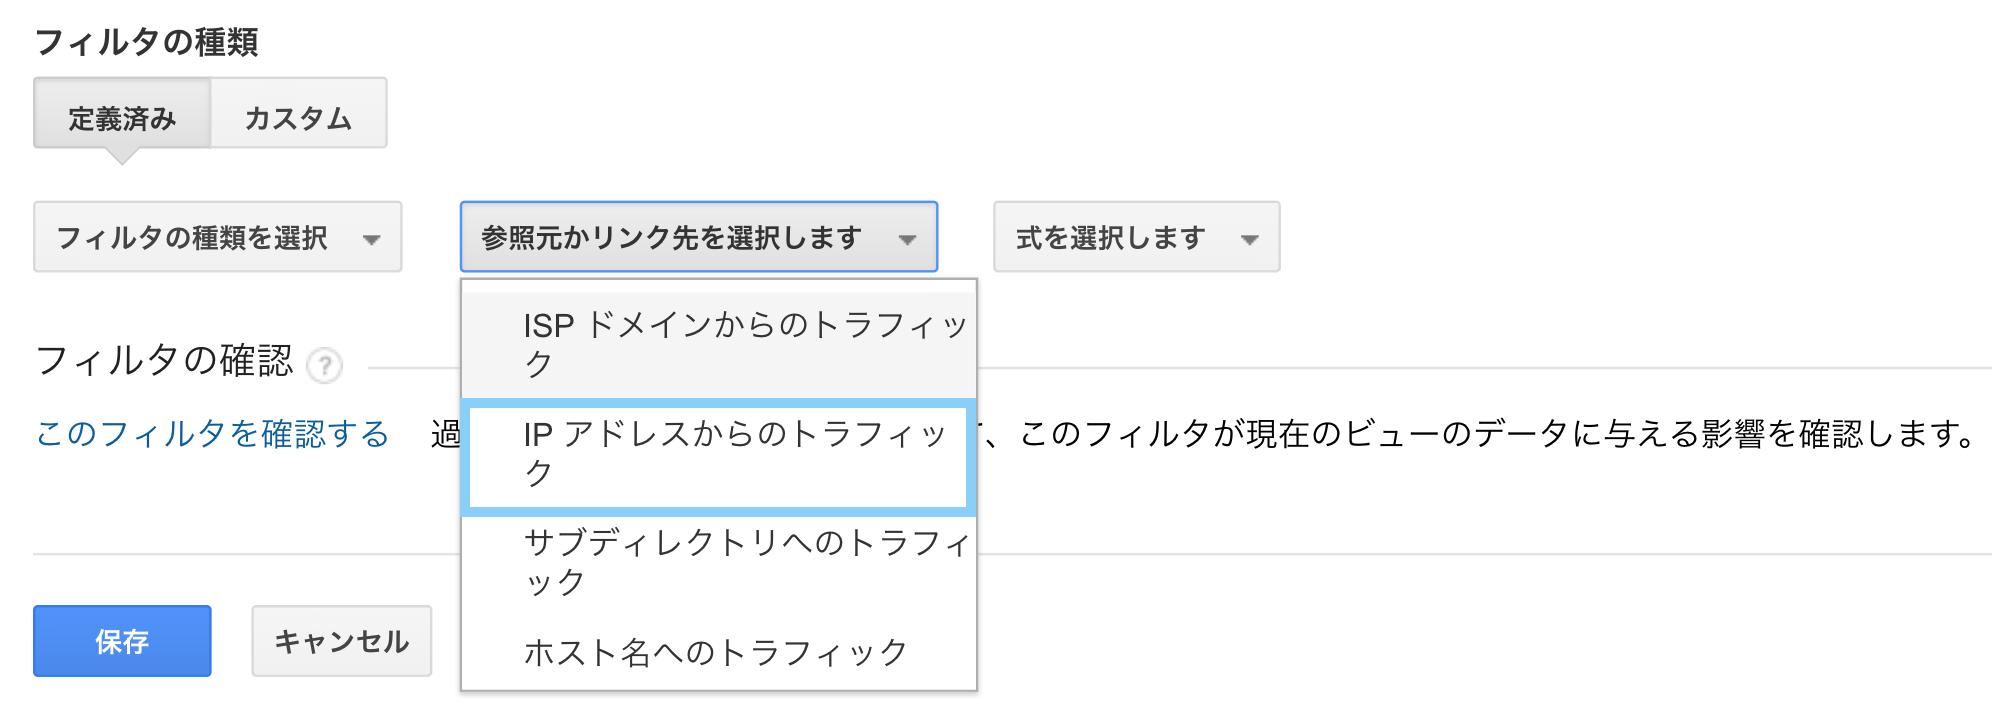 Googleアナリティクスの「参照元かリンク先を選択します」で「IP アドレスからのトラフィック」を選択する